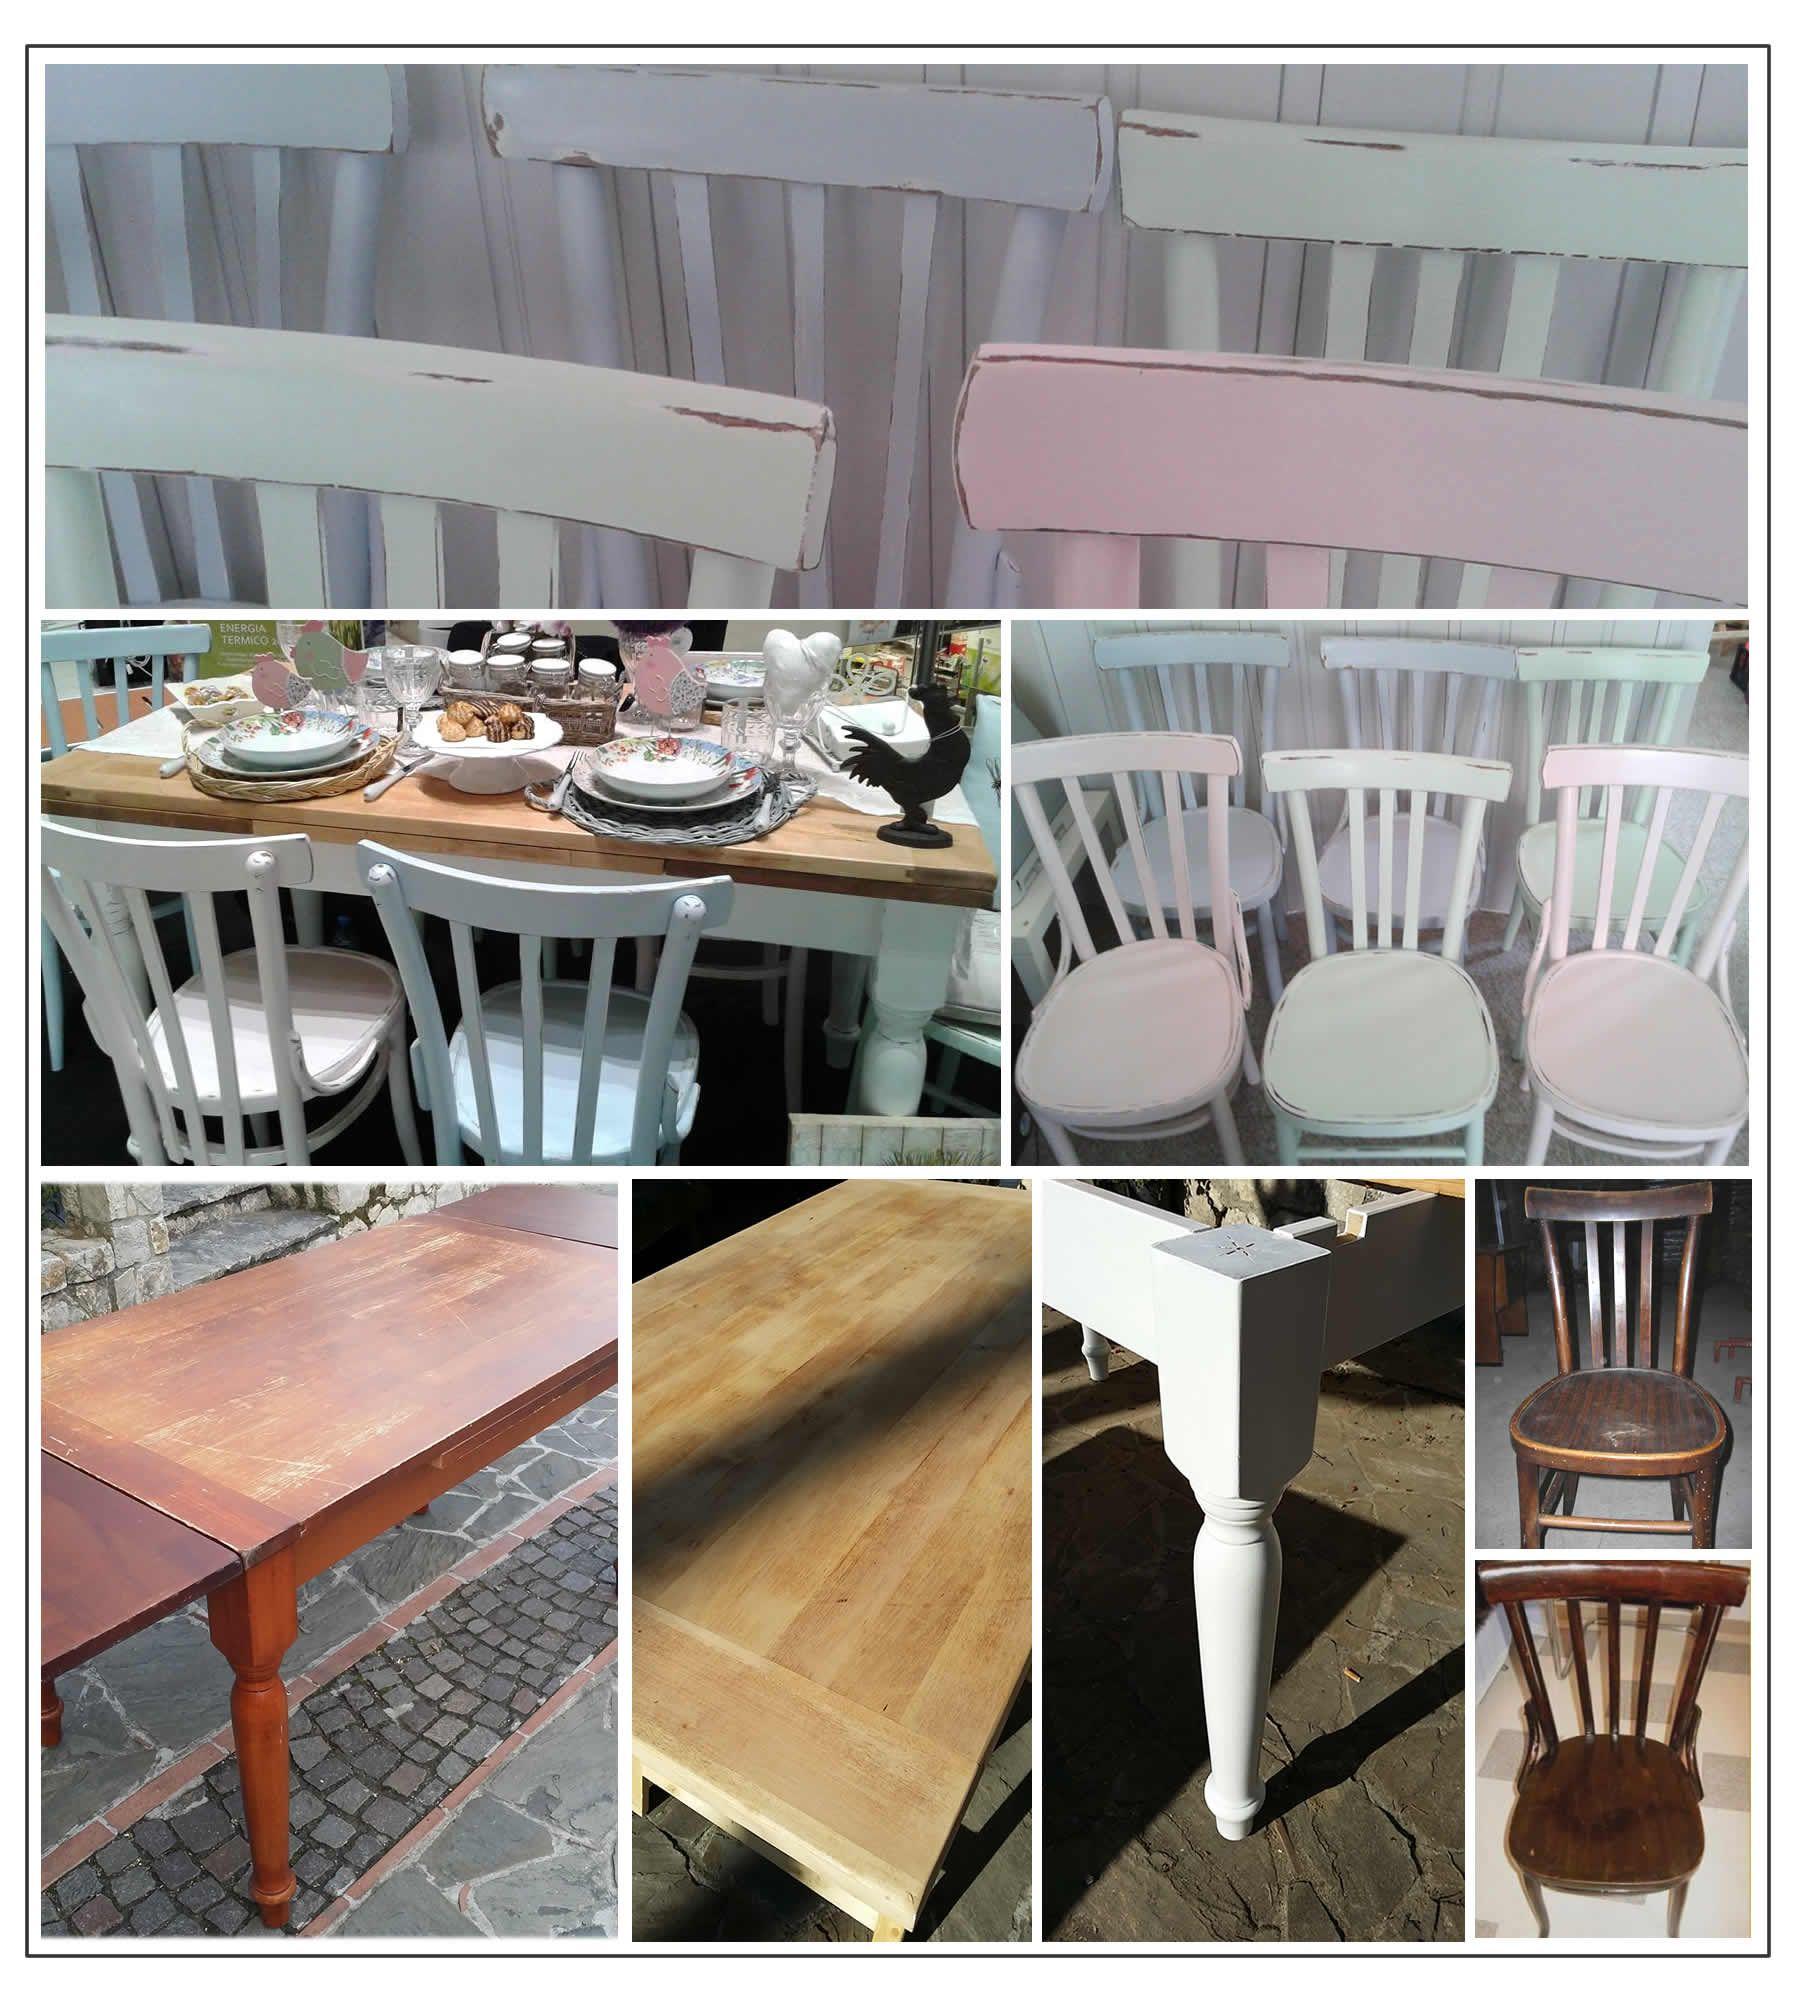 vecchie sedie e vecchio tavolo recuperate in stile shabby